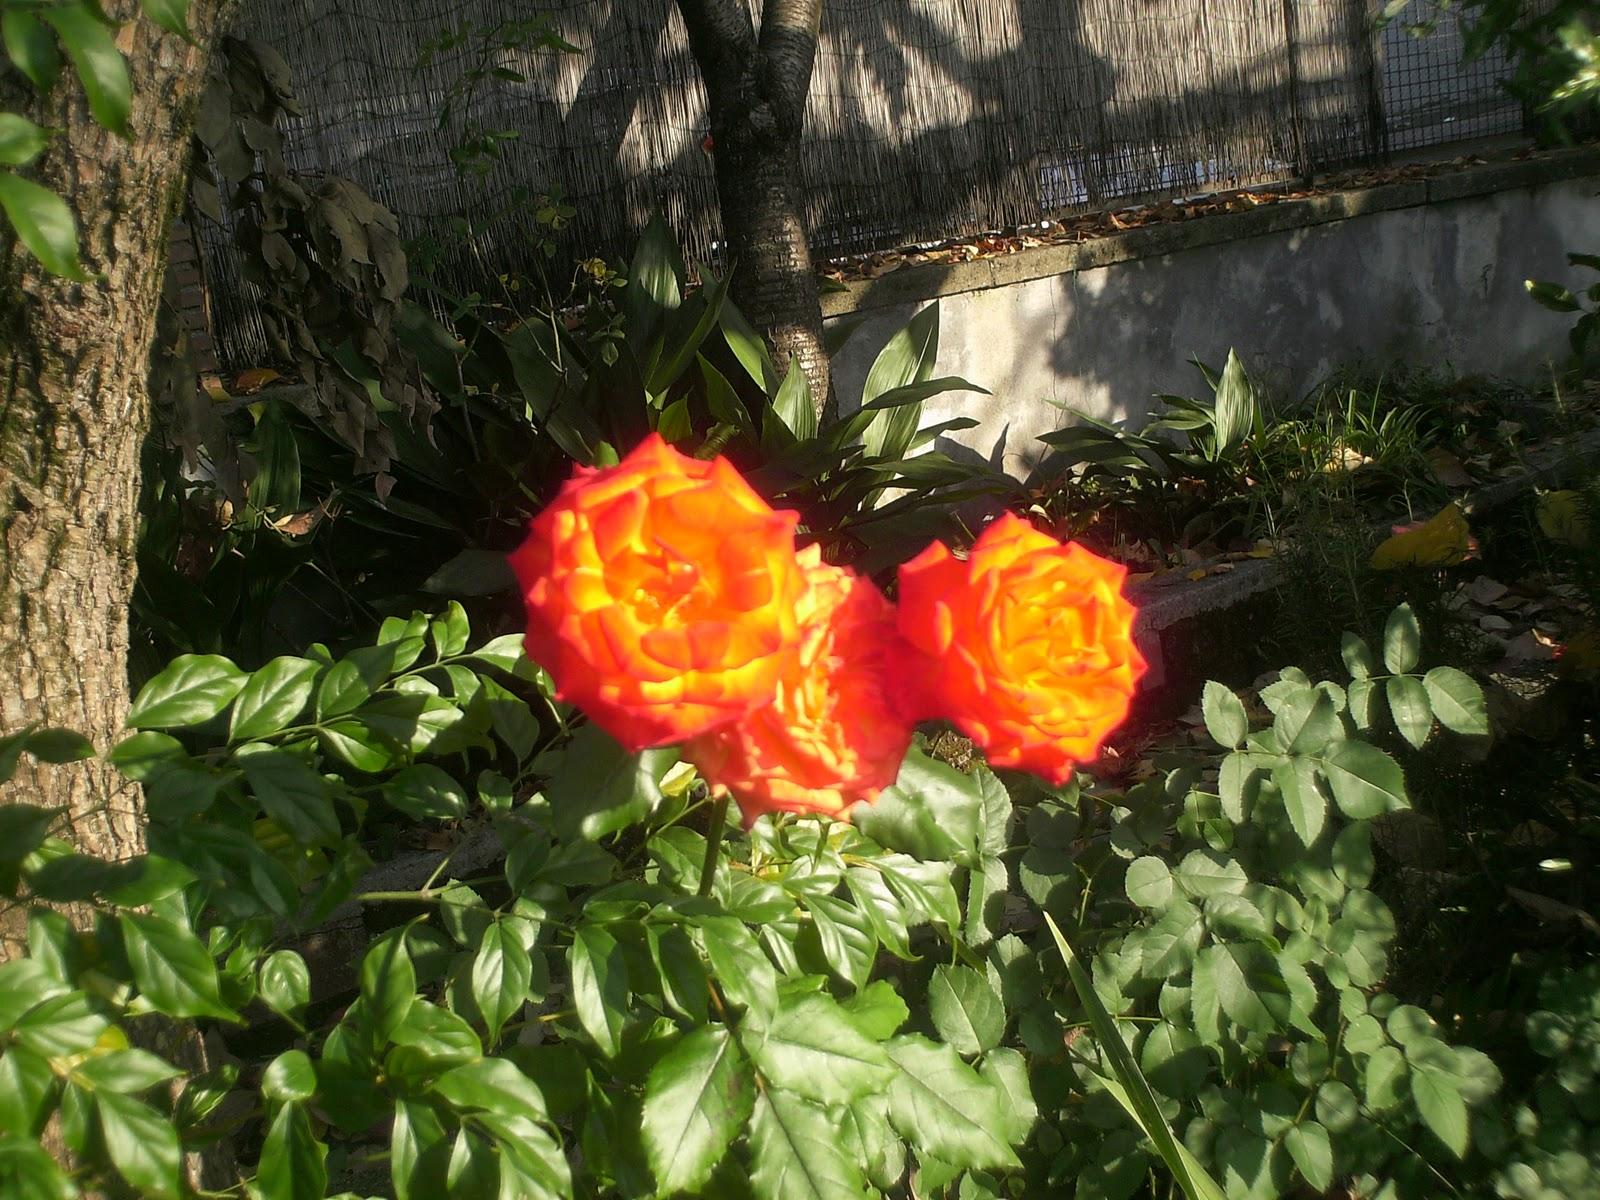 Fiori piante e giardini del mondo vorrei essere una rosa for Piante e giardini